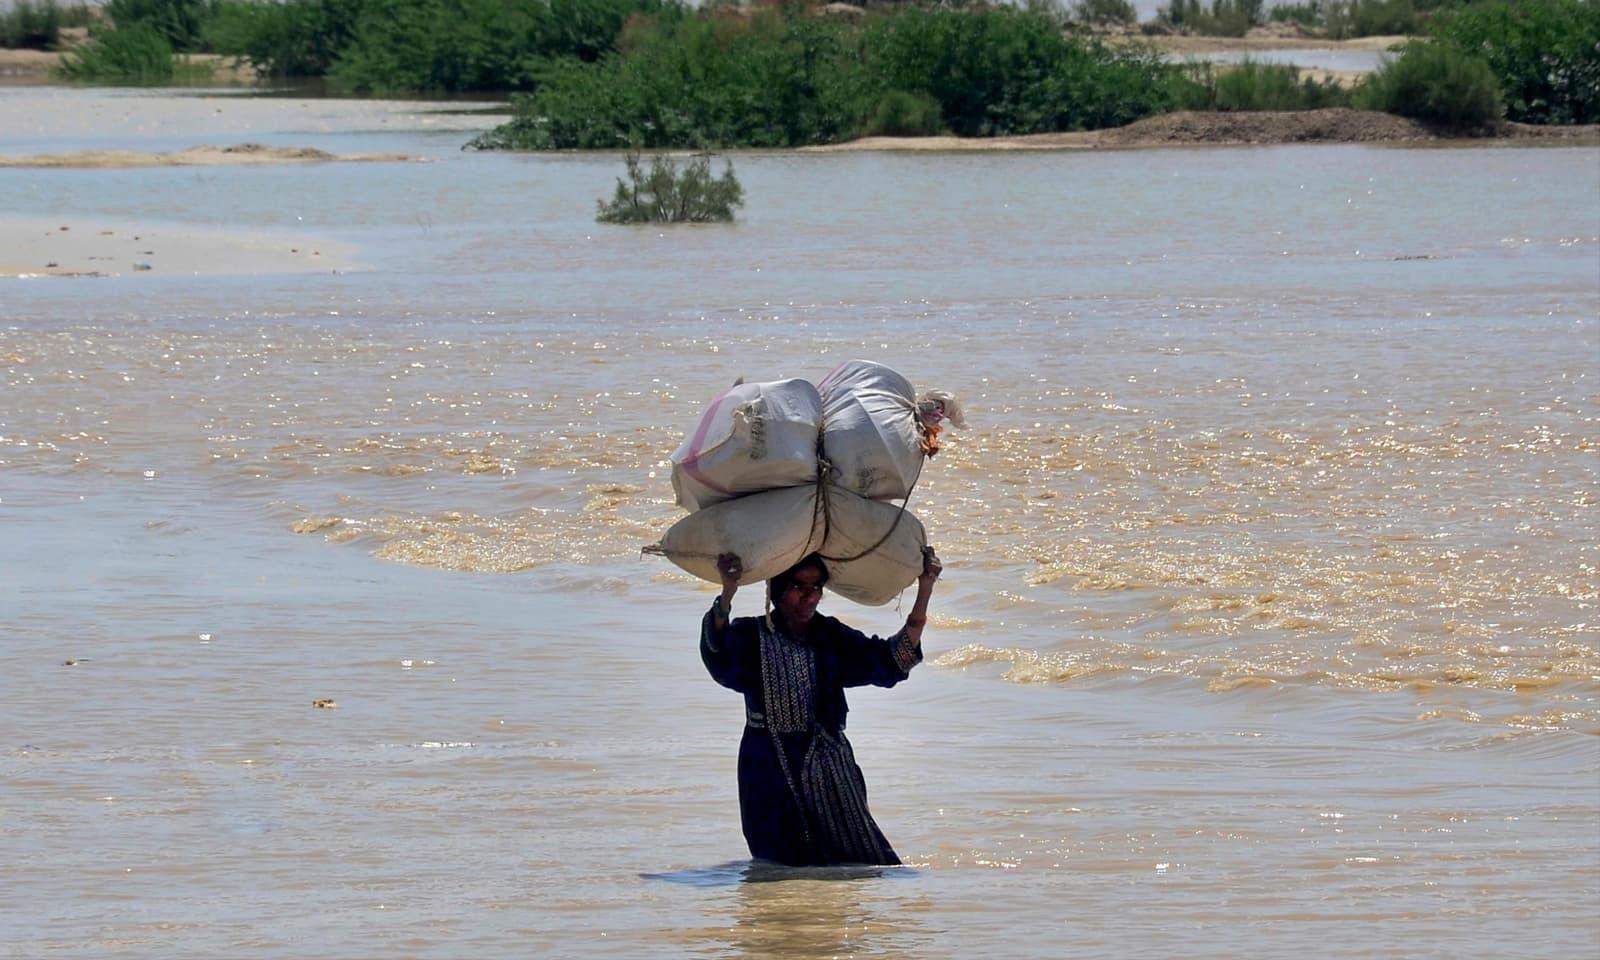 موسلا دھار بارشوں کے نتیجے میں سندھ اور بلوچستان کے مختلف اضلاع سیلاب سے متاثر ہوگئے —فوٹو: اے پی